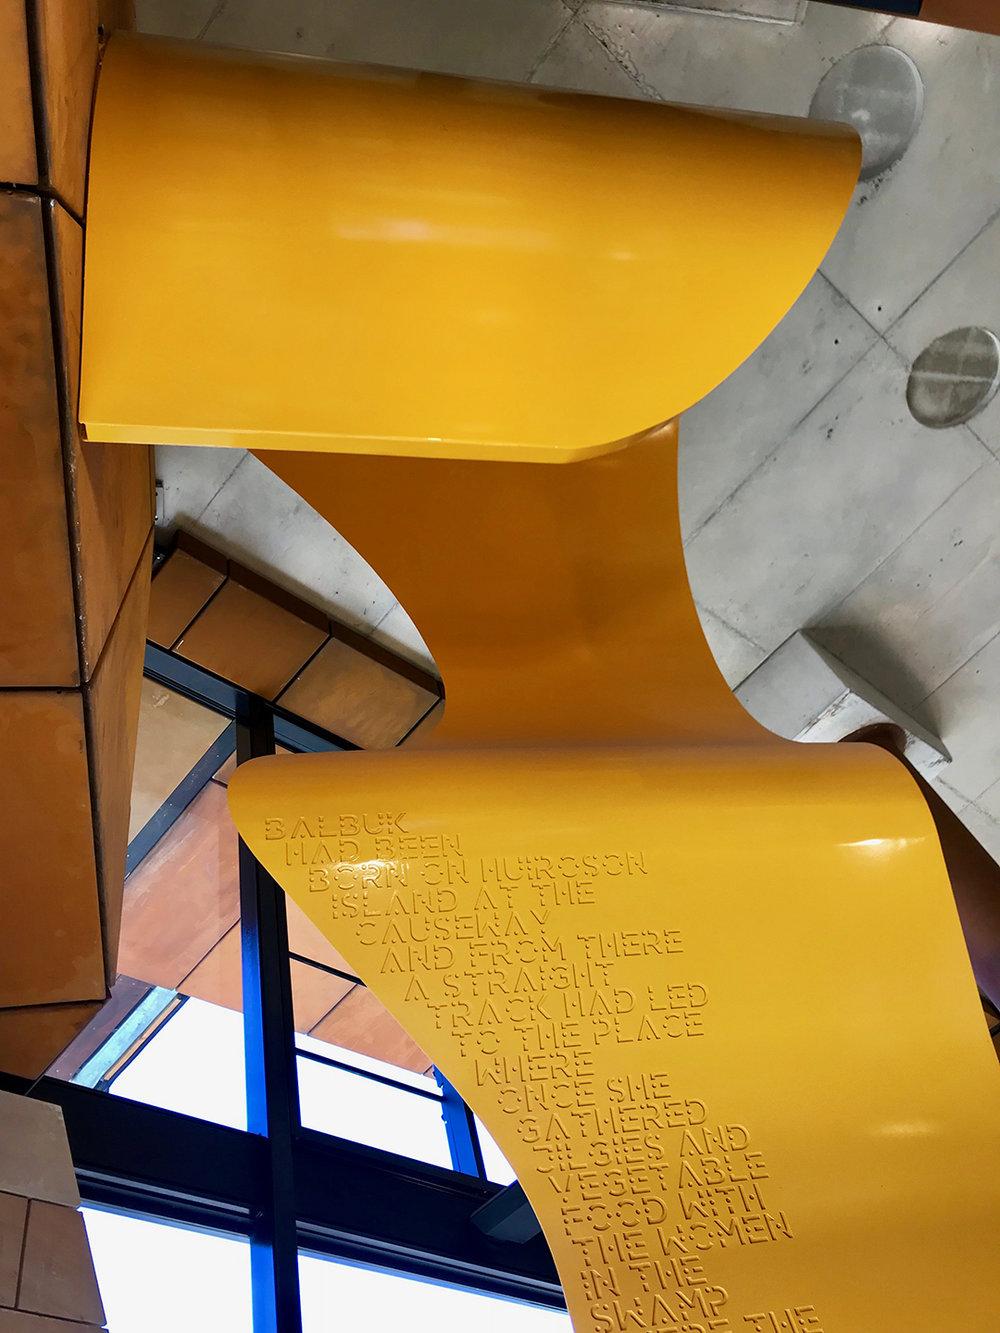 Passenger photo 06.jpg